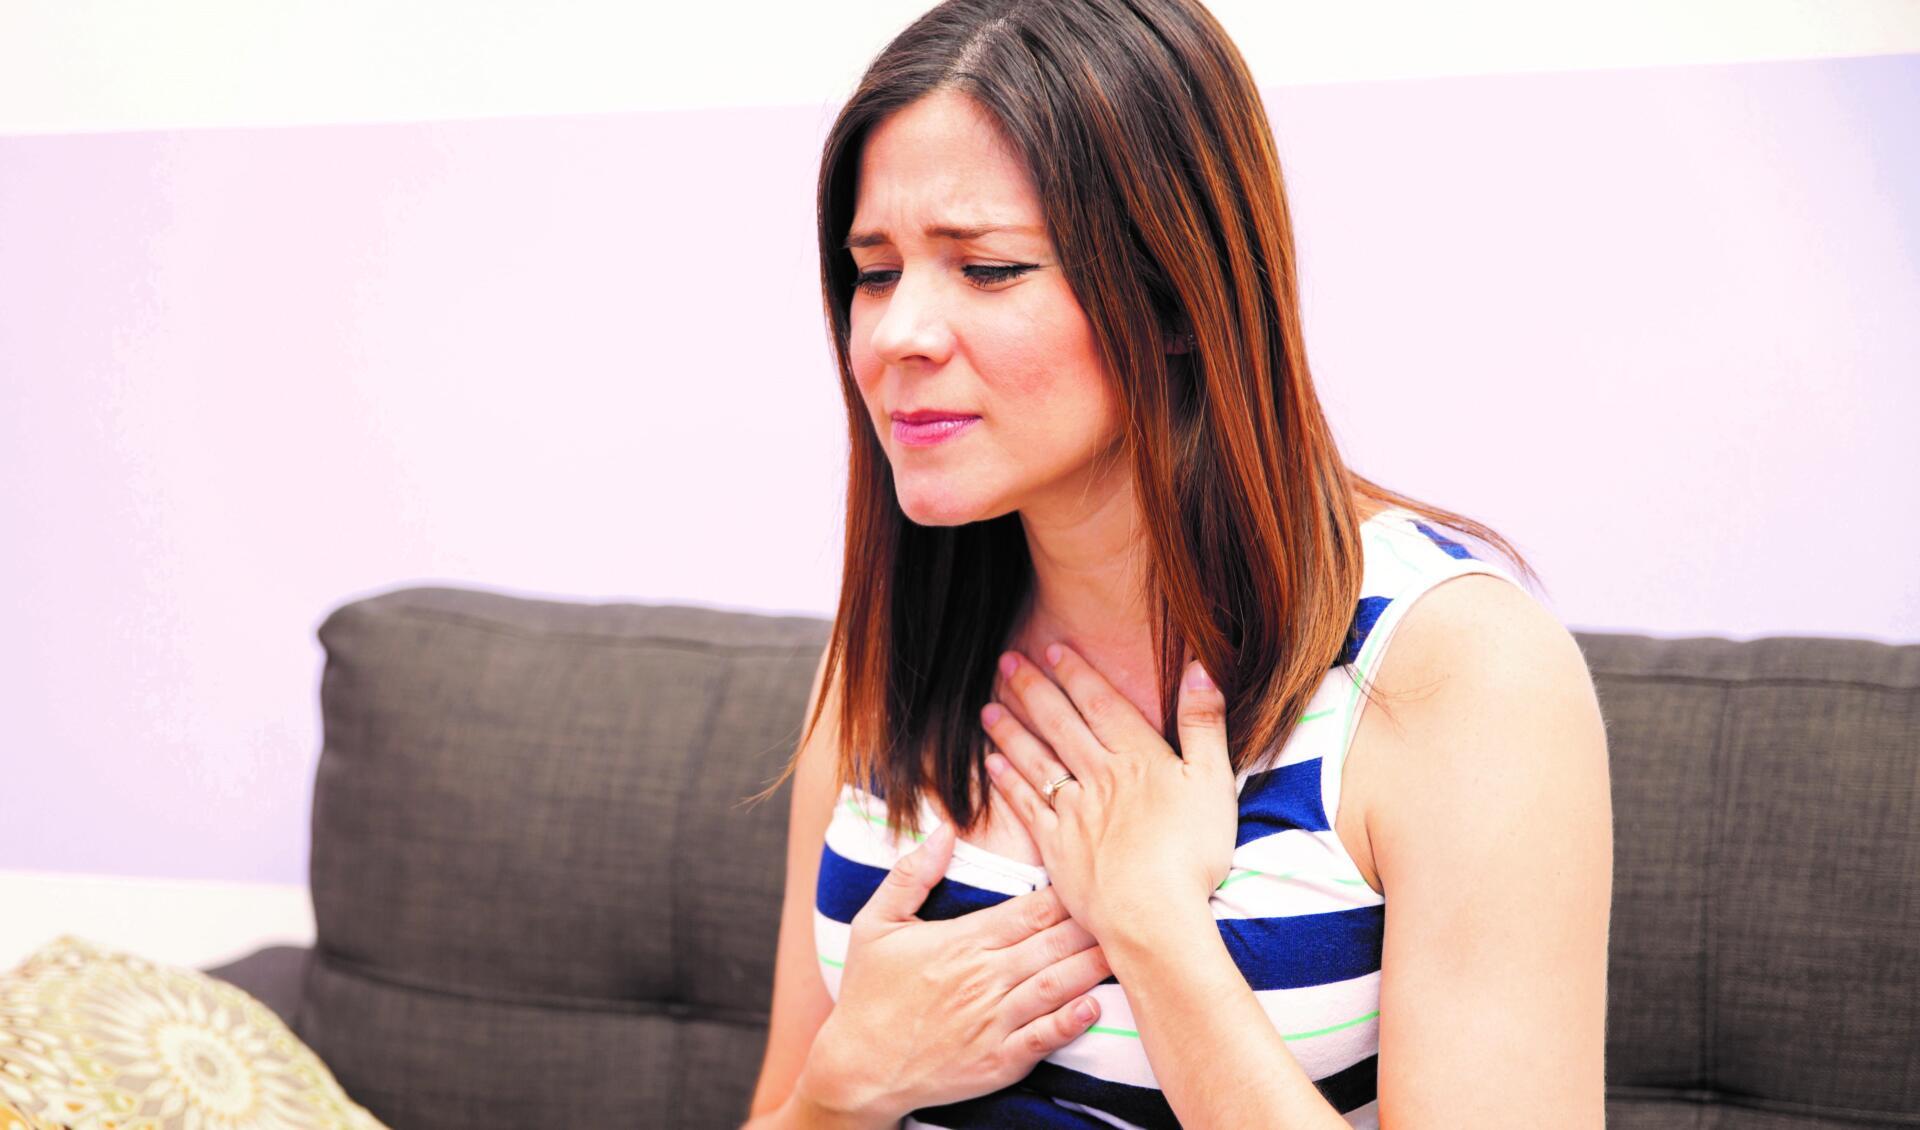 Bild zeigt eine Frau mit Refluxbeschwerden